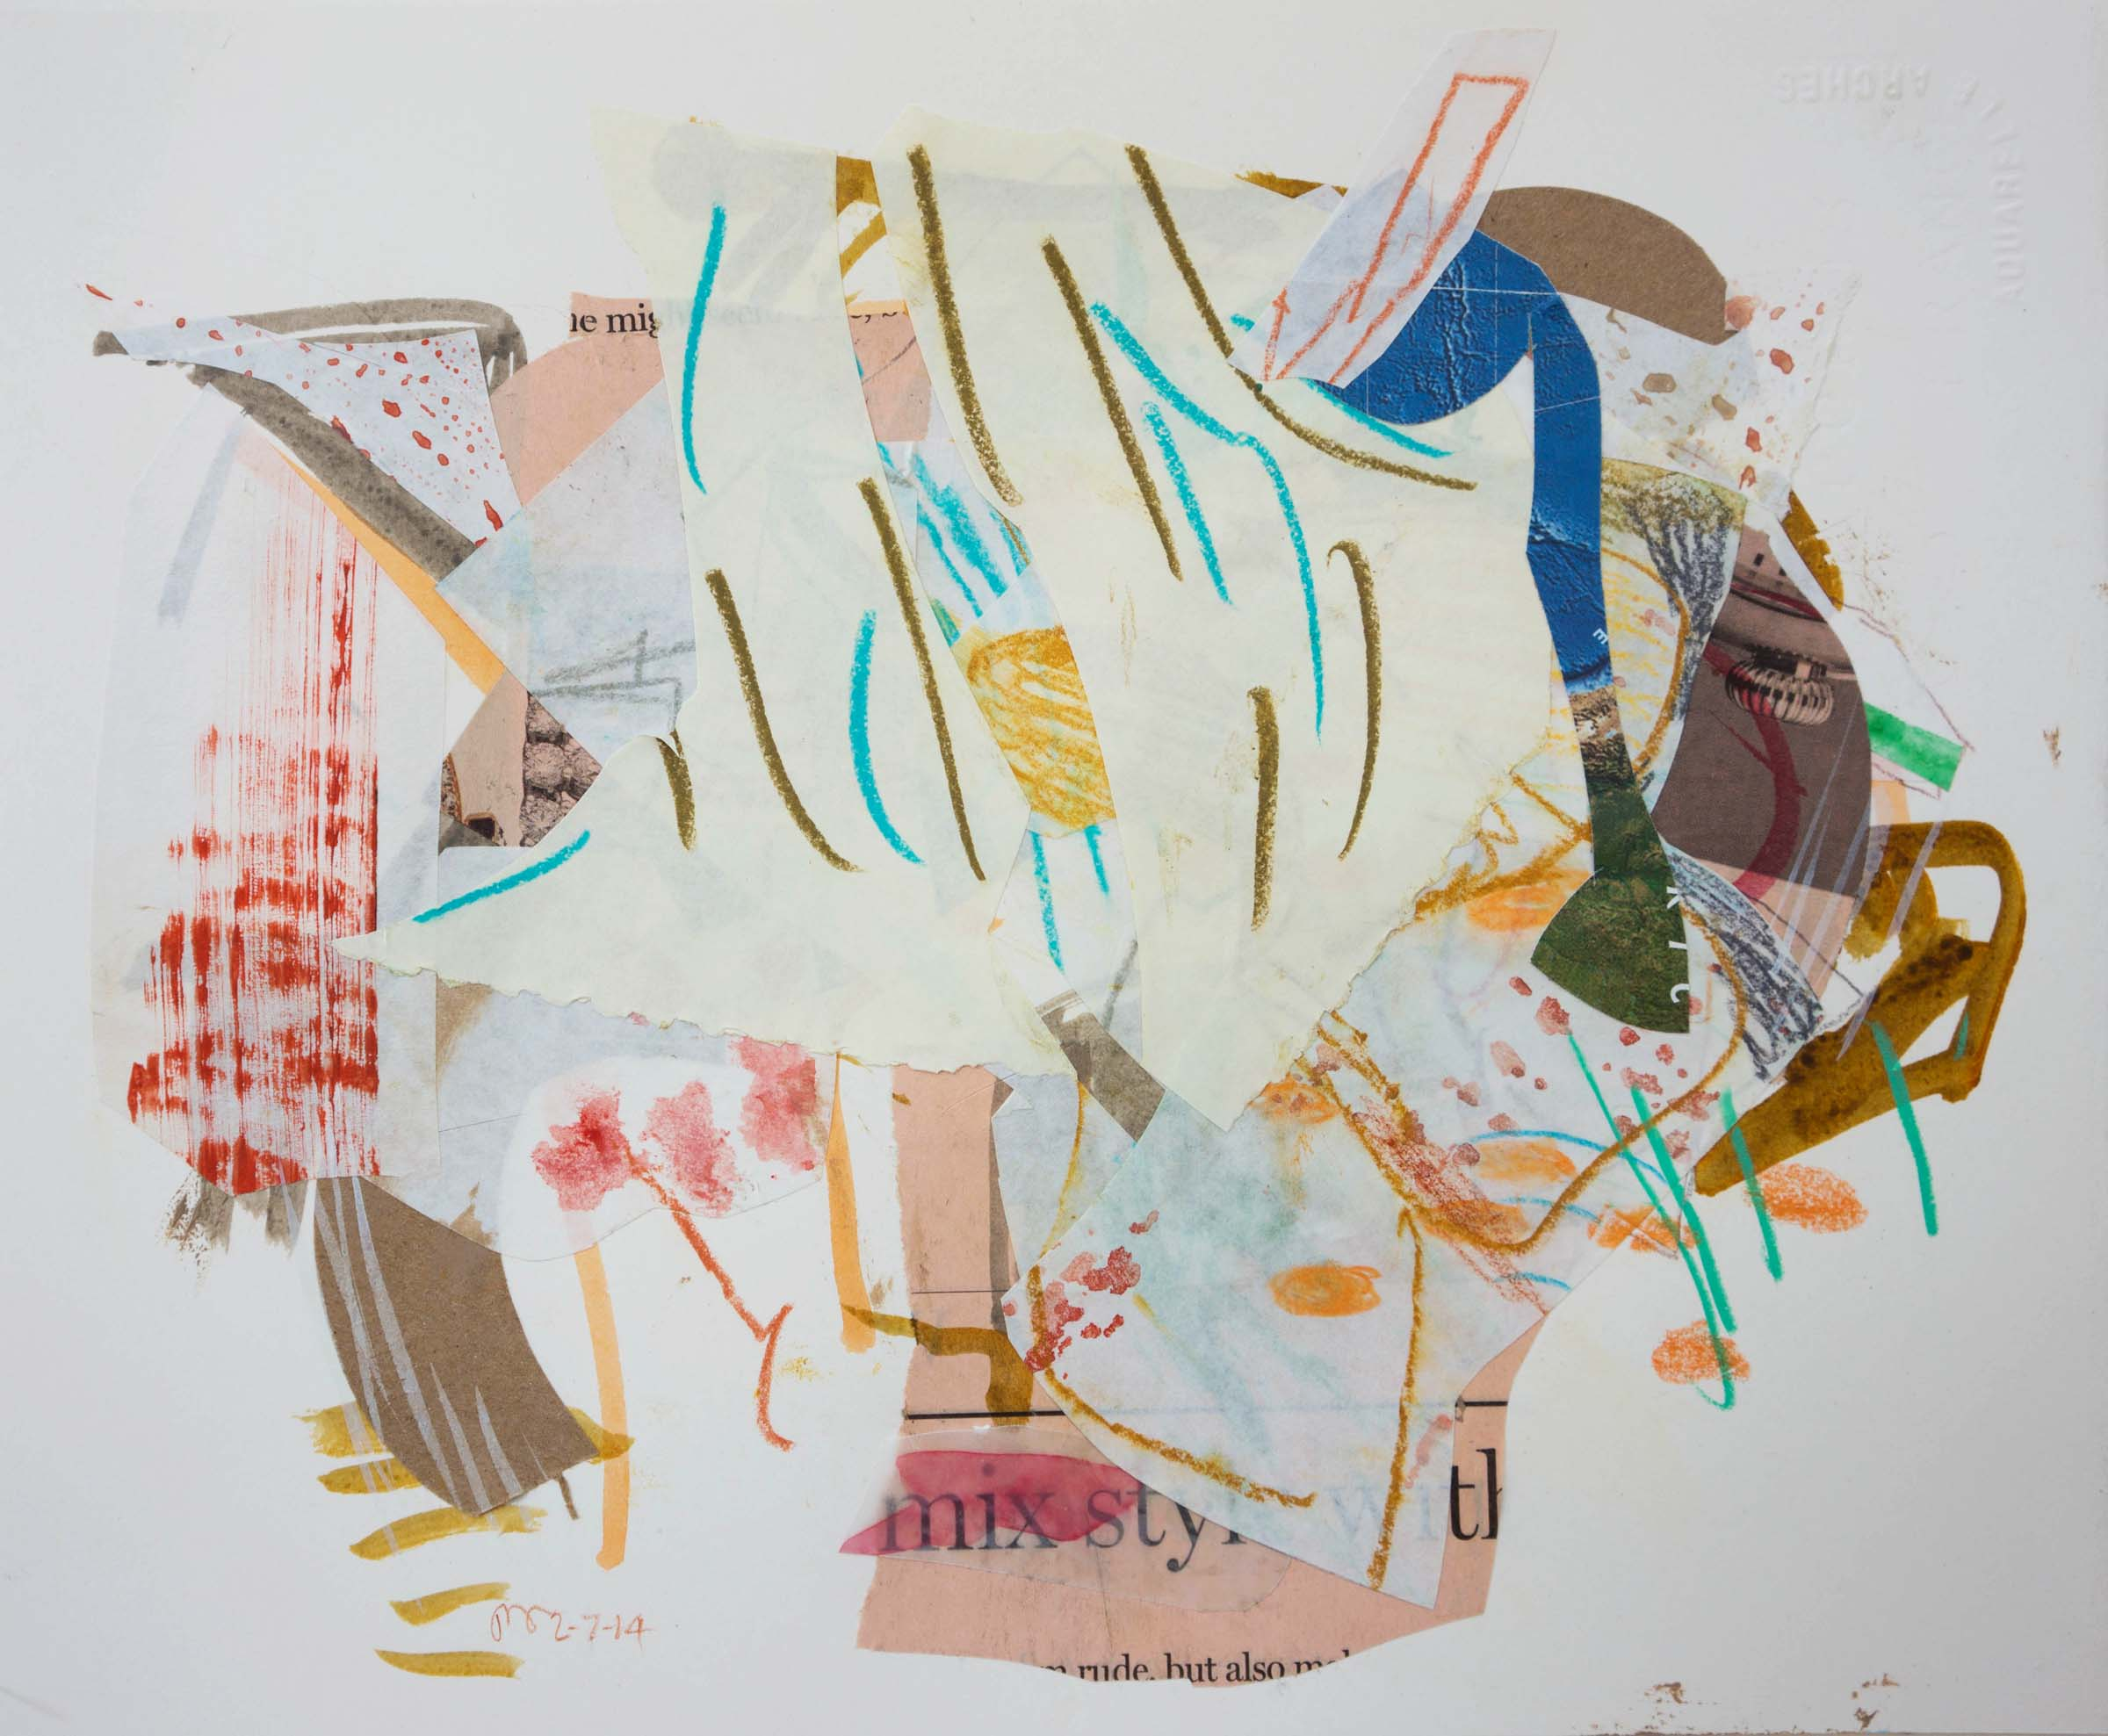 2-7-14 collage 1  25x30.5 cm